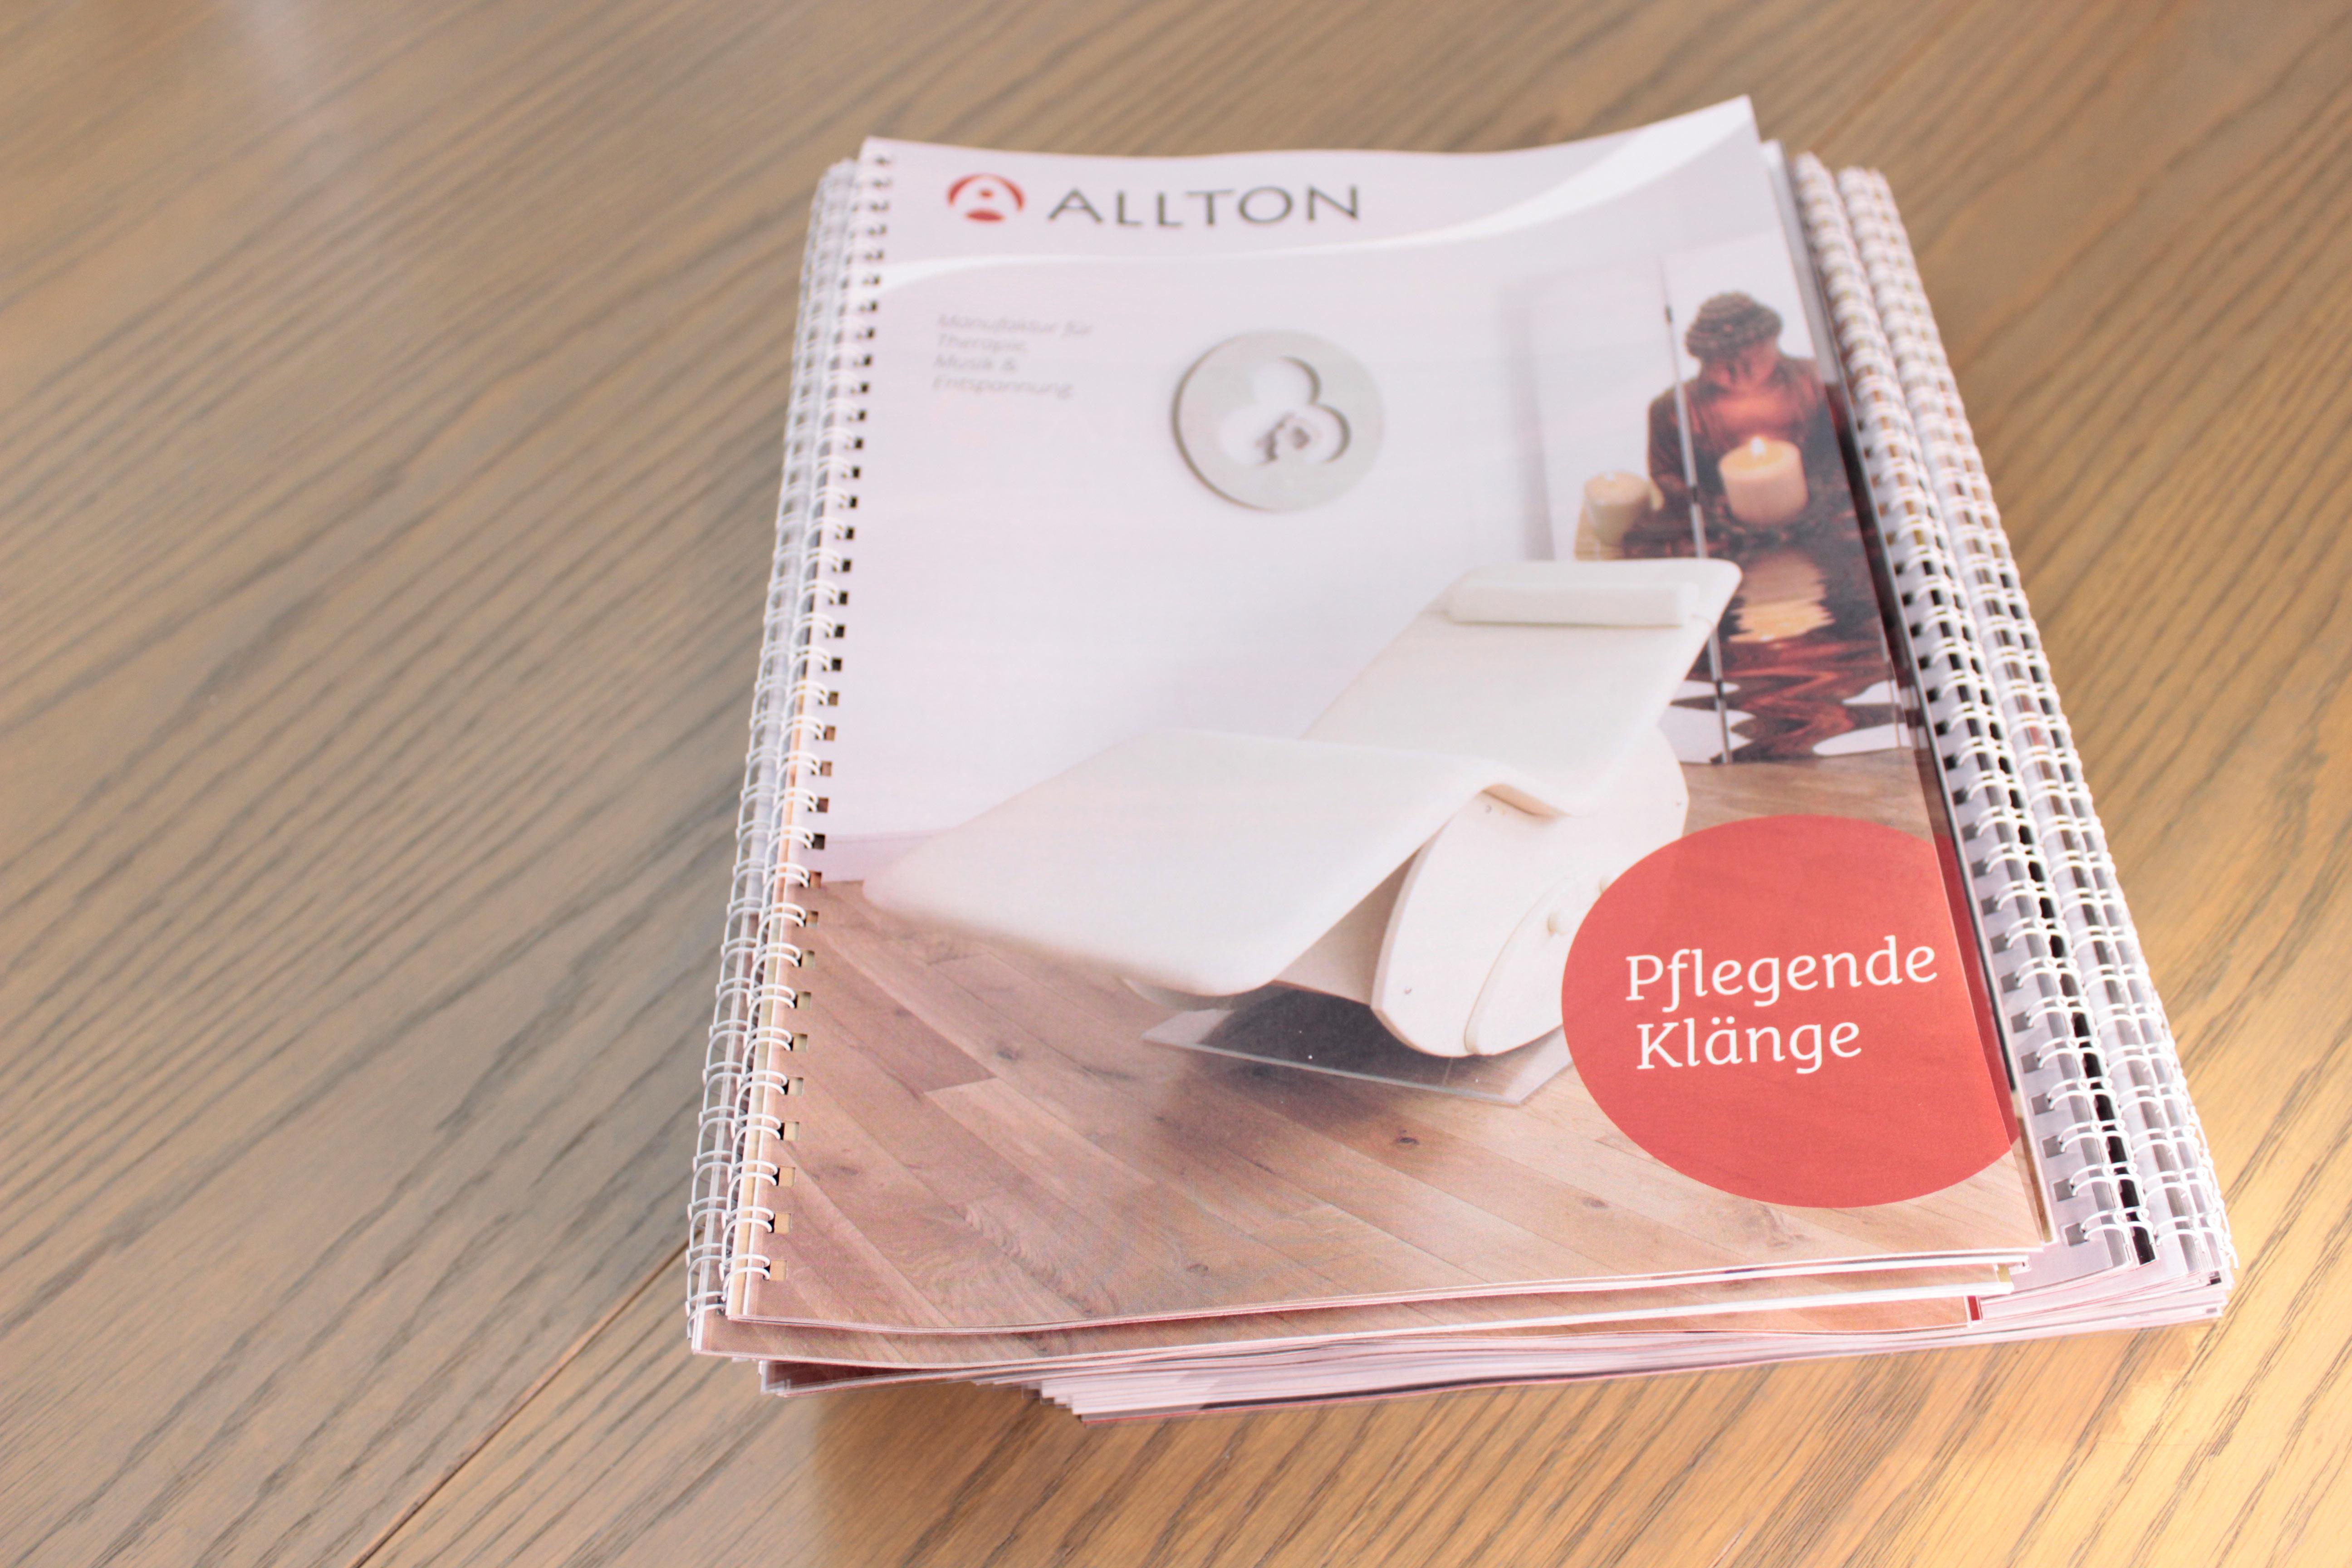 ALLTON Imageprospekt-foto